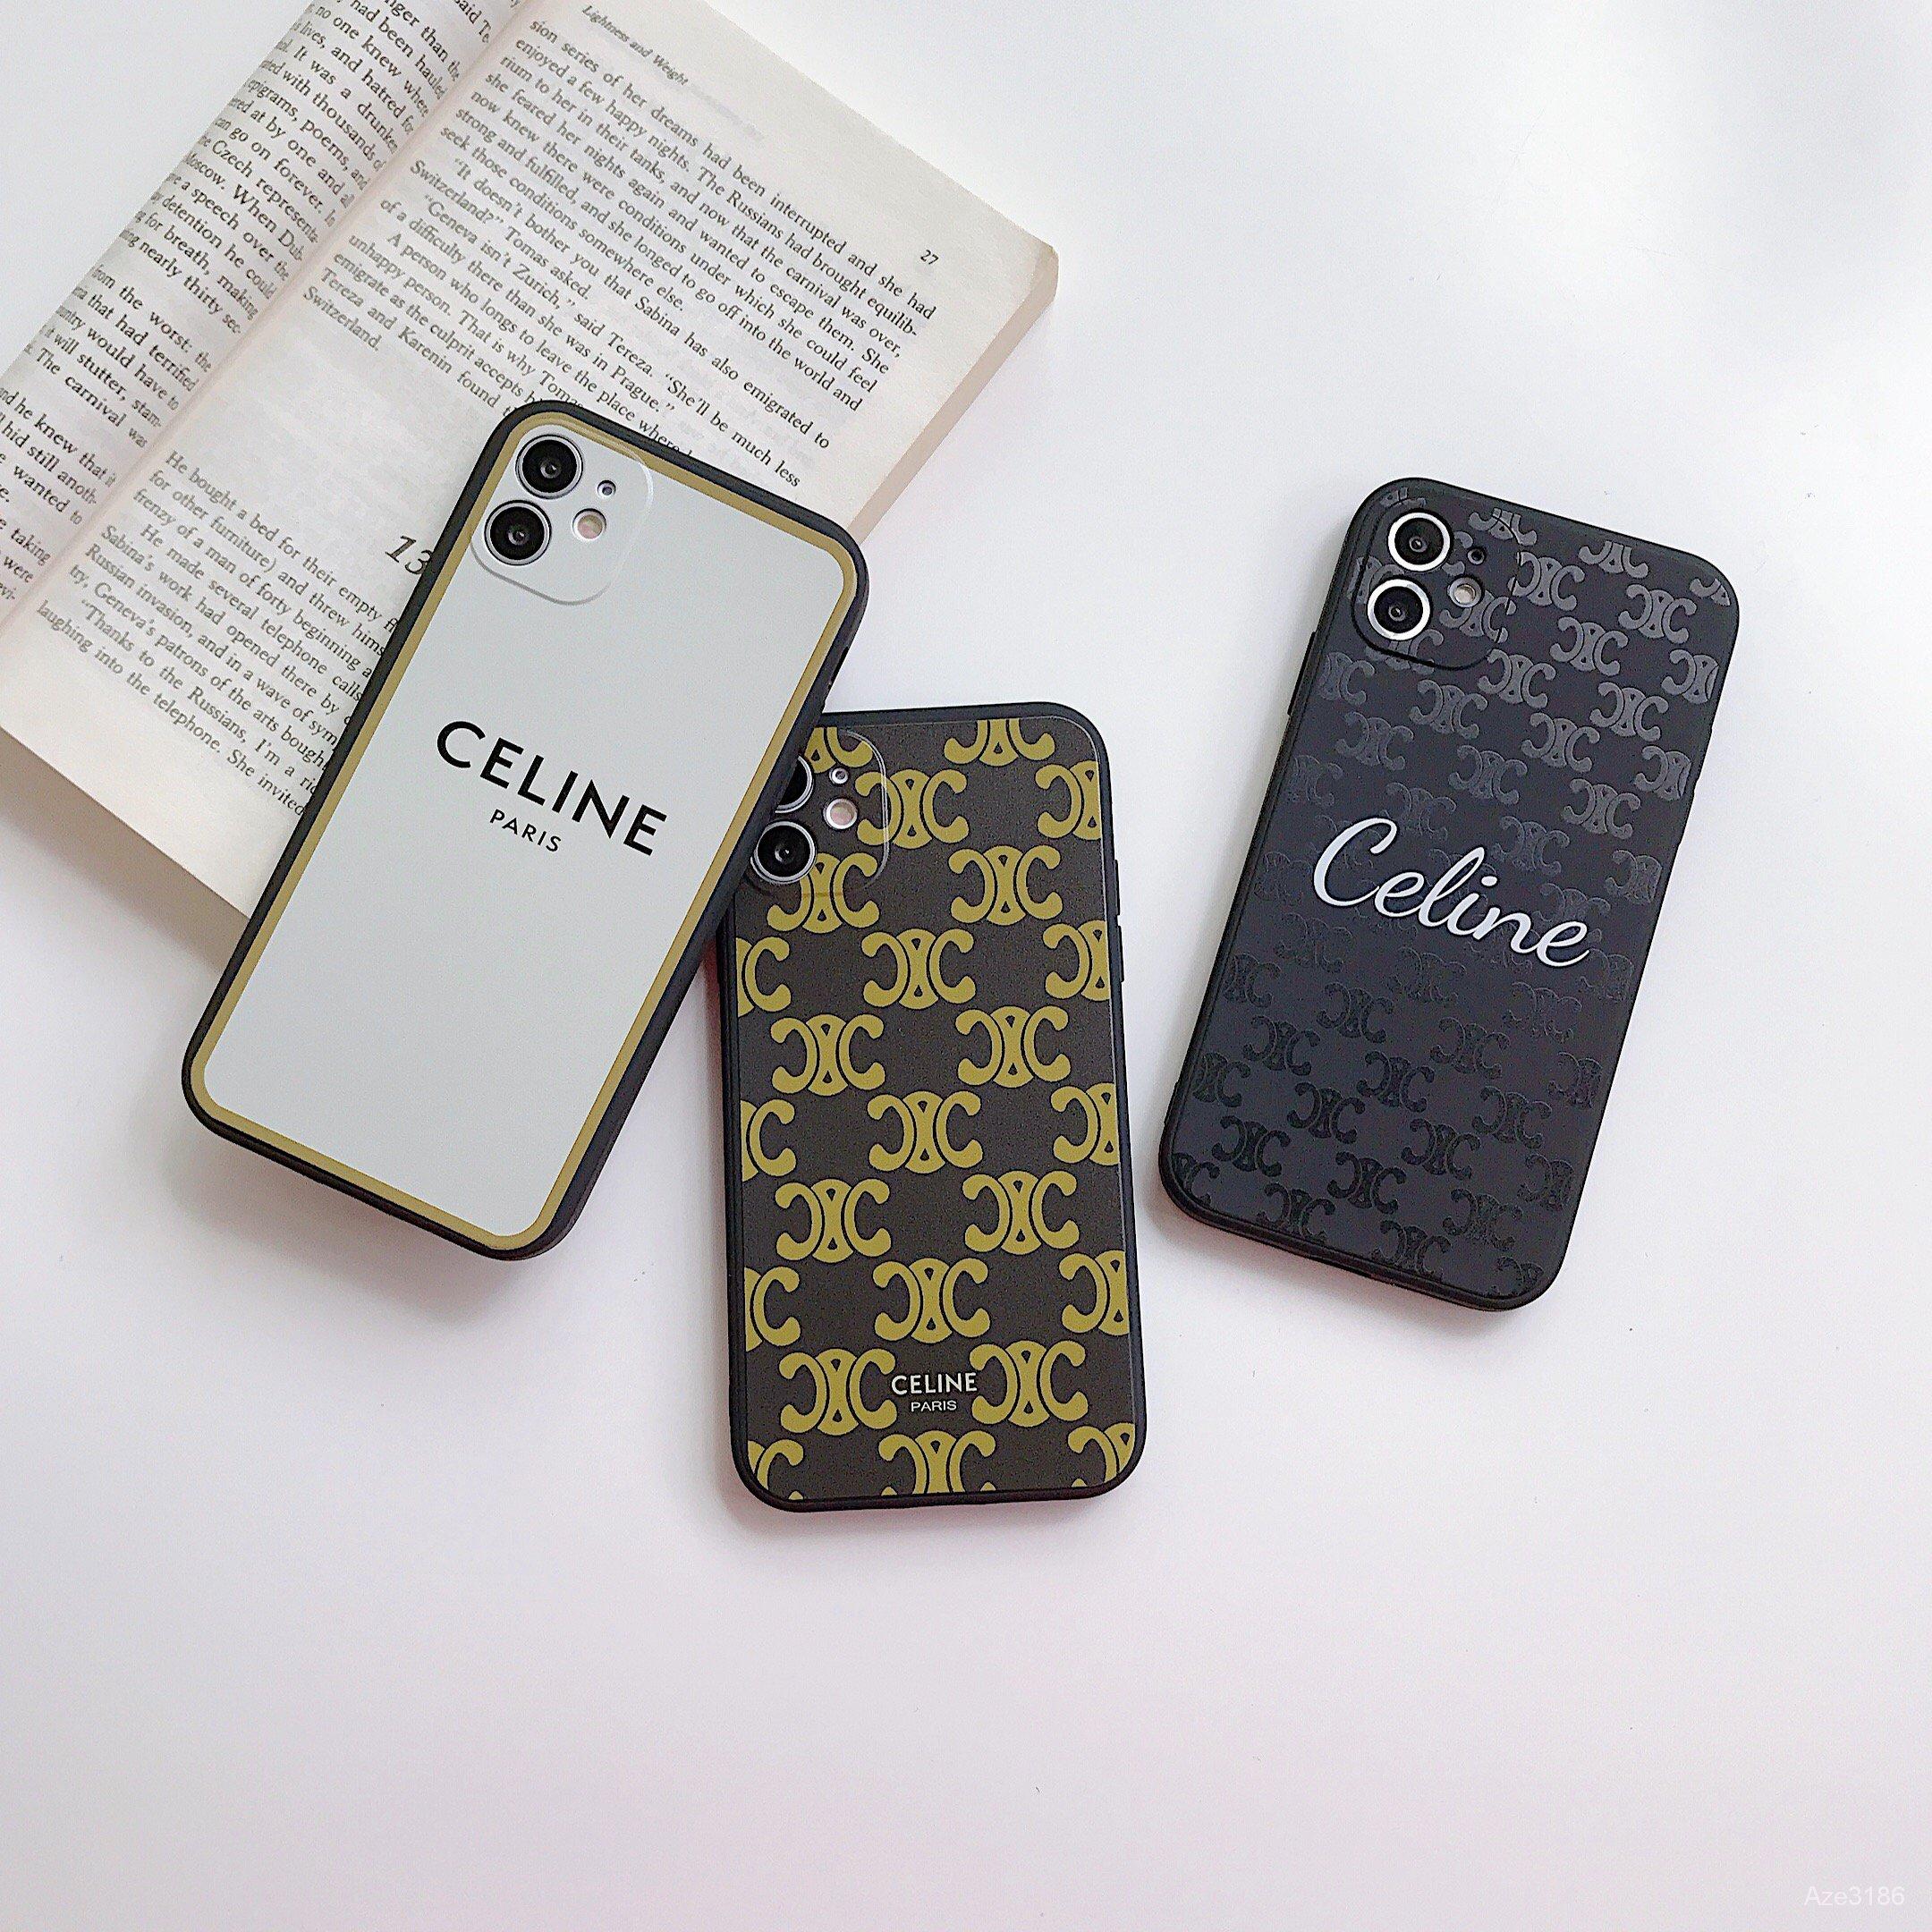 CELINE魔方矽膠手機殼 適用iPhone 11 12 Pro max X XR XS 7 8 plus i11防摔殼